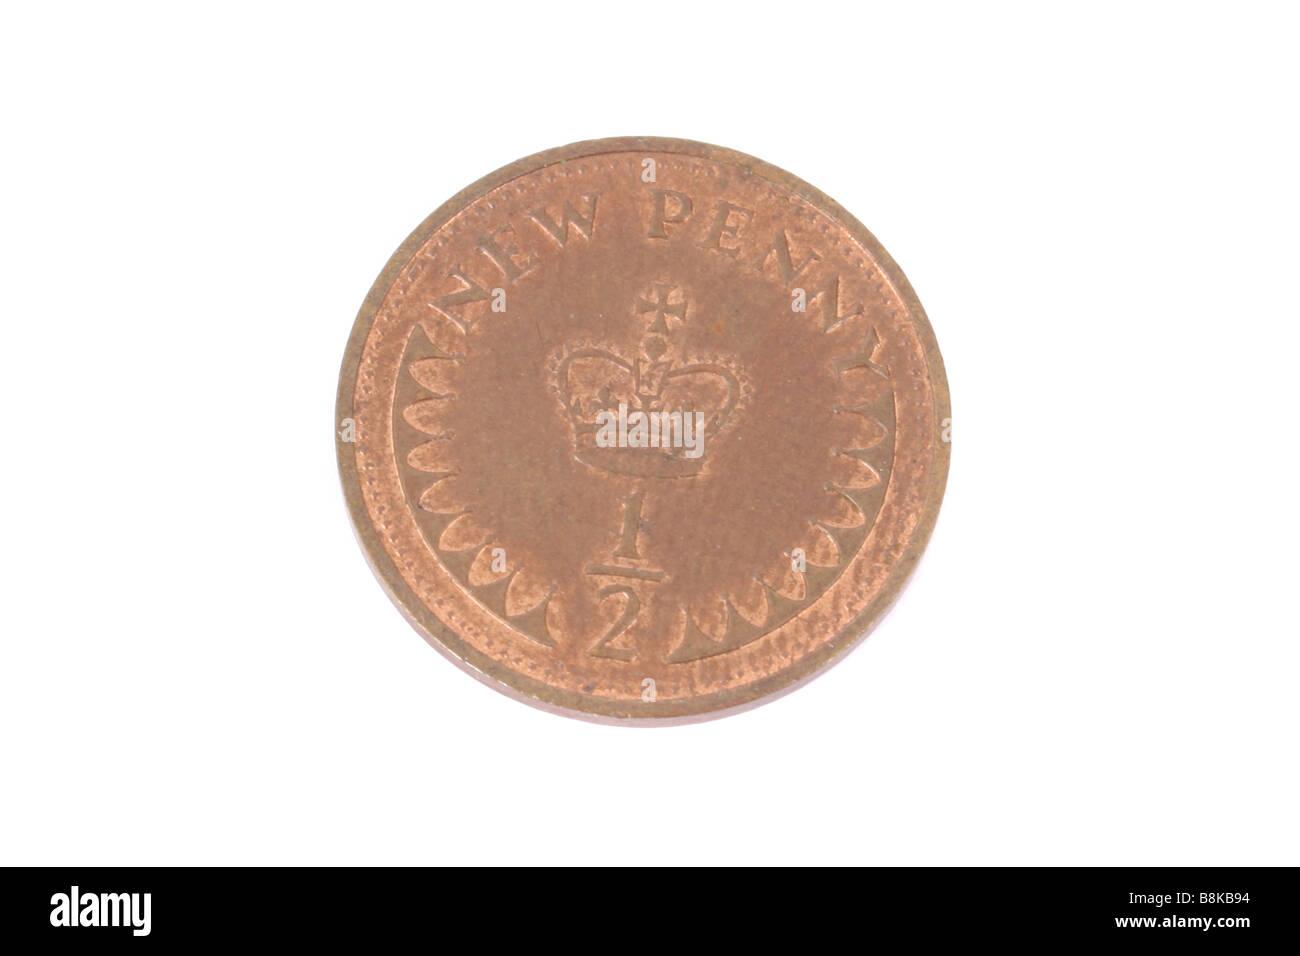 A half penny coin English coin. Stock Photo